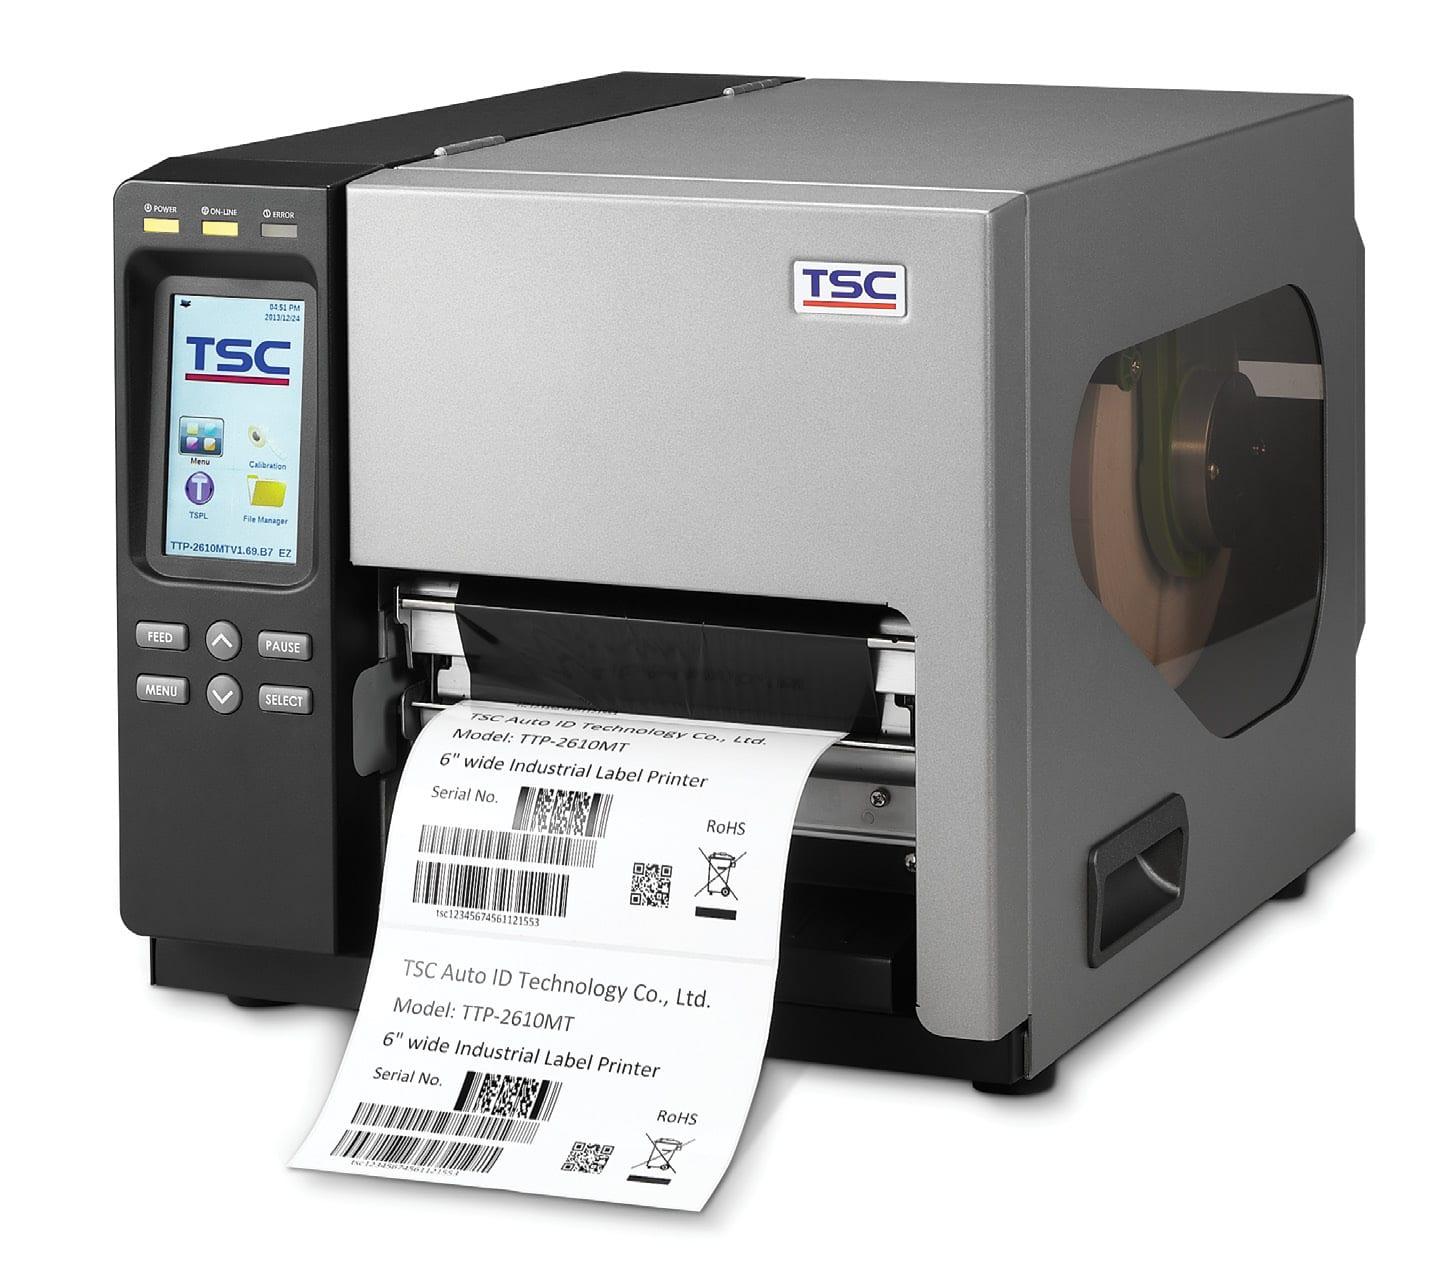 Impresora TSC TTP-368MT